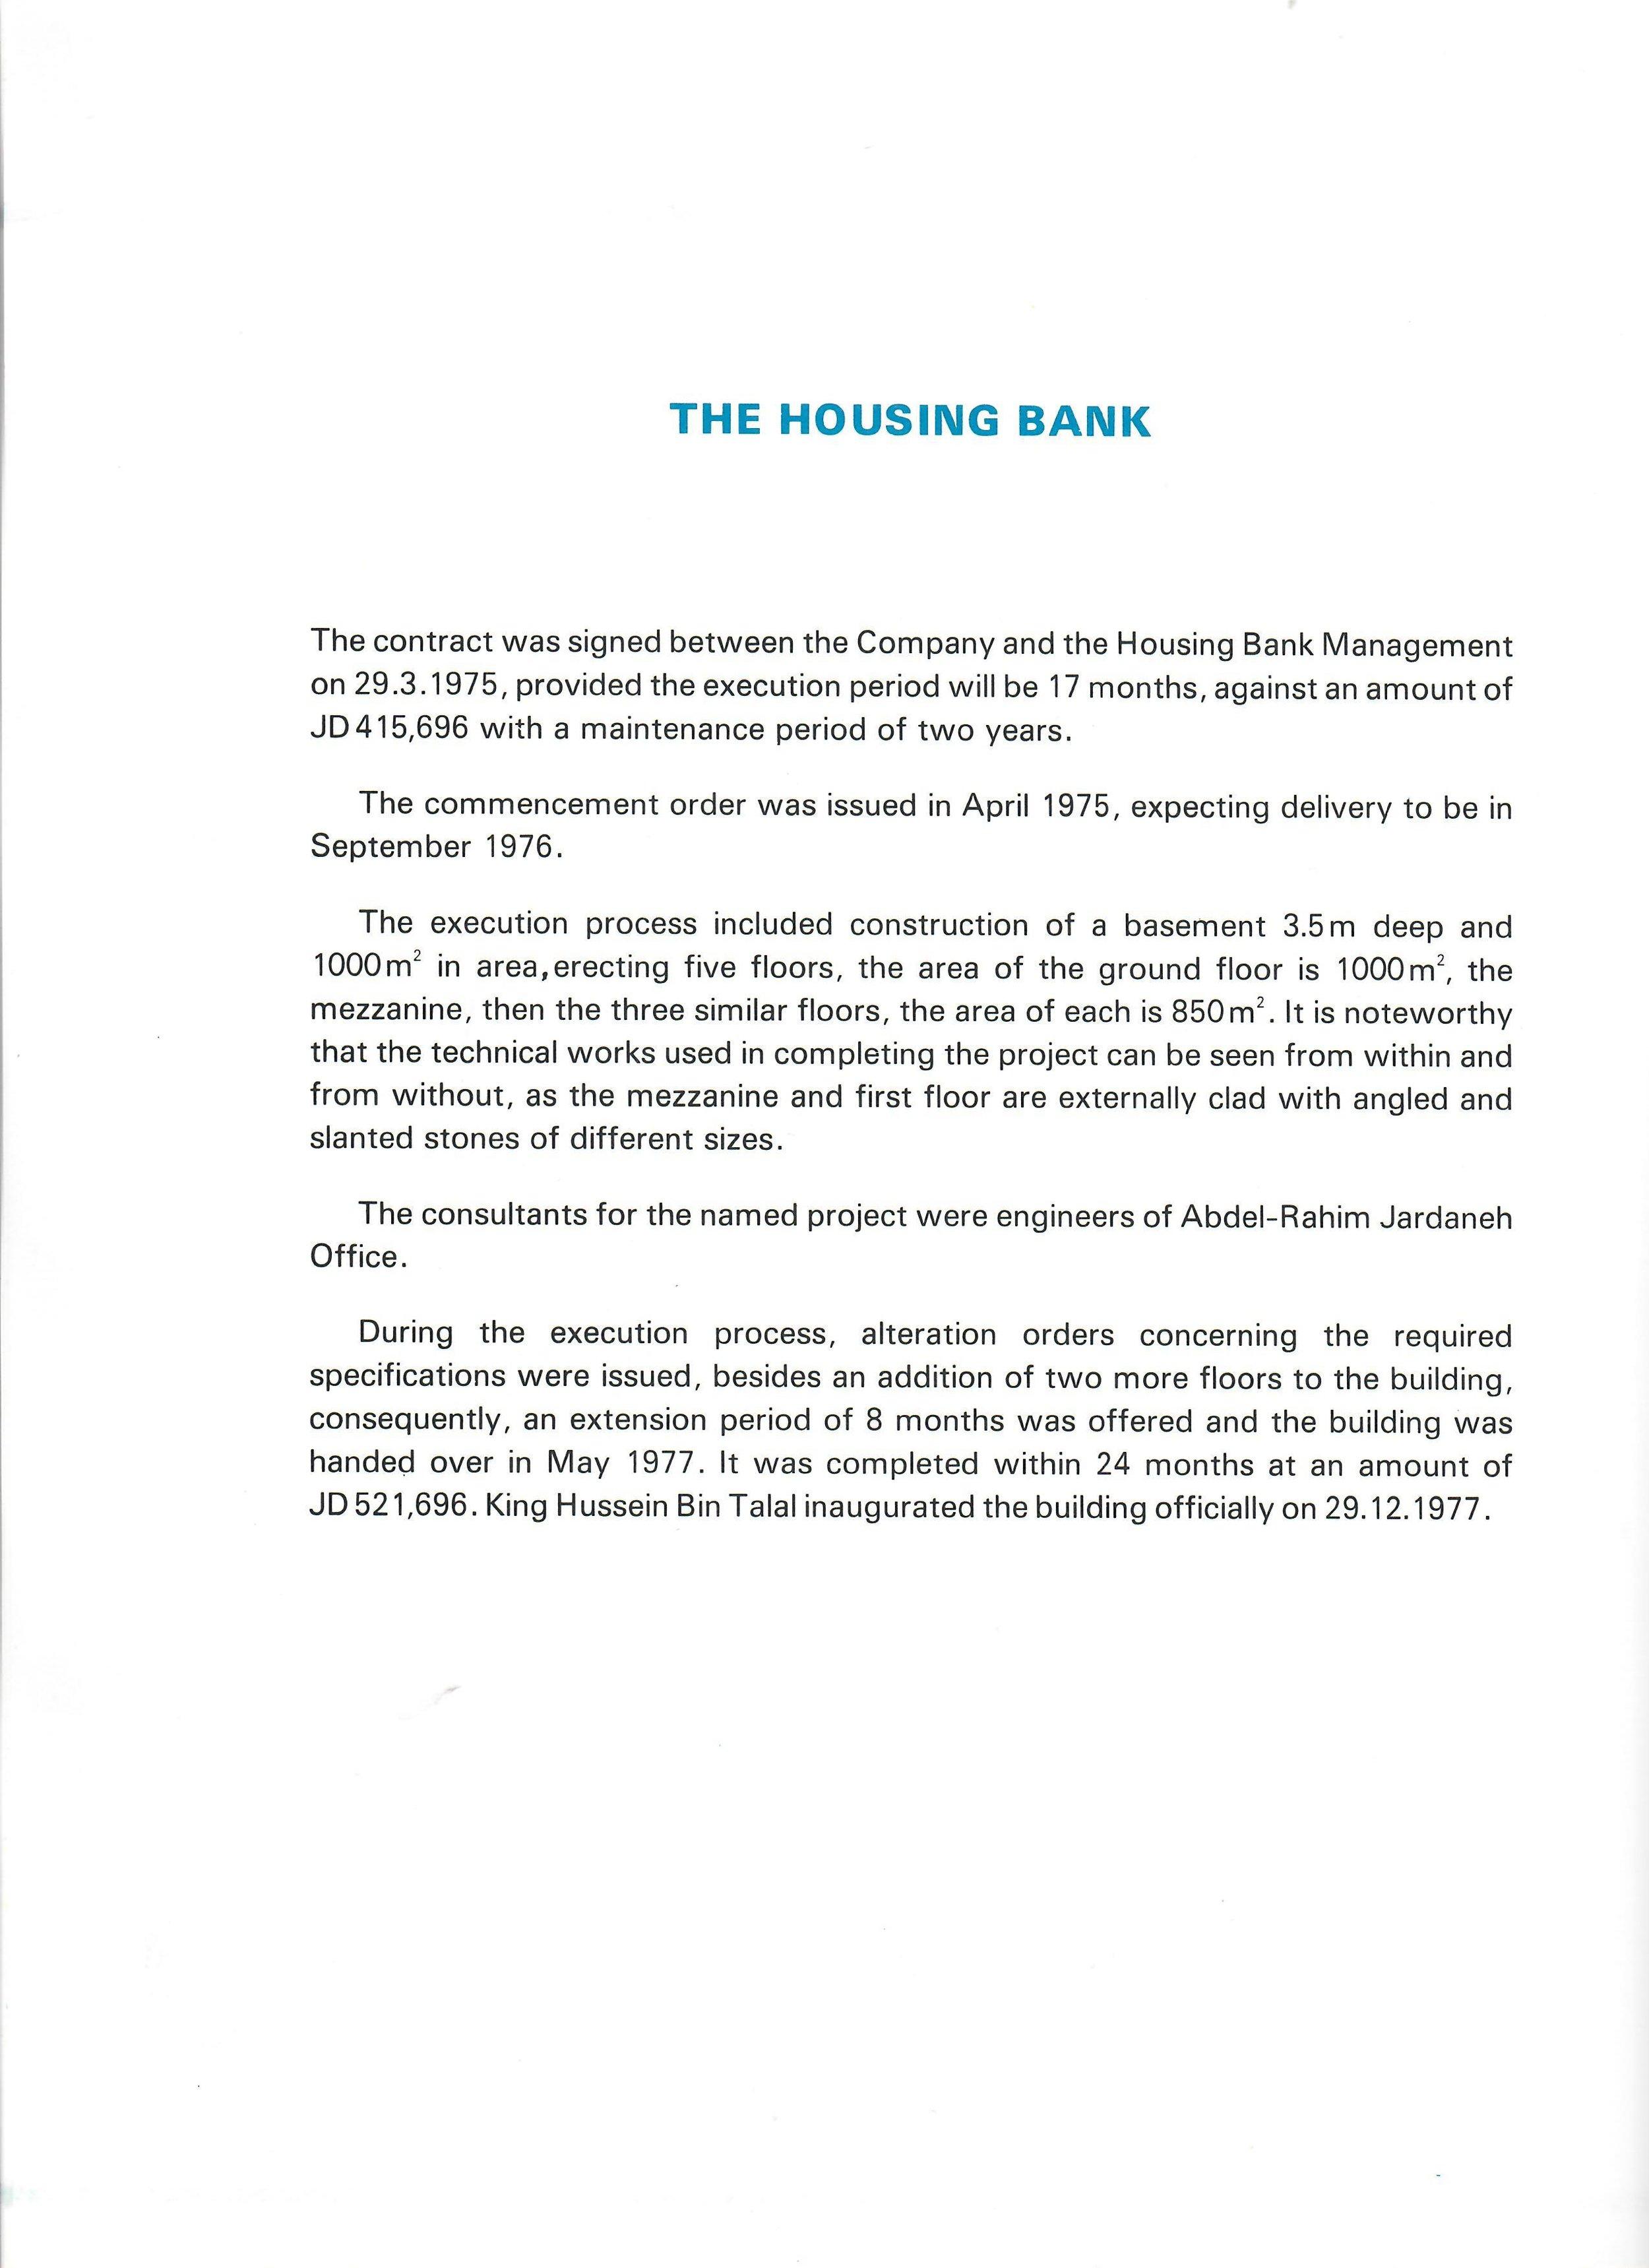 housing bank texteng.jpeg